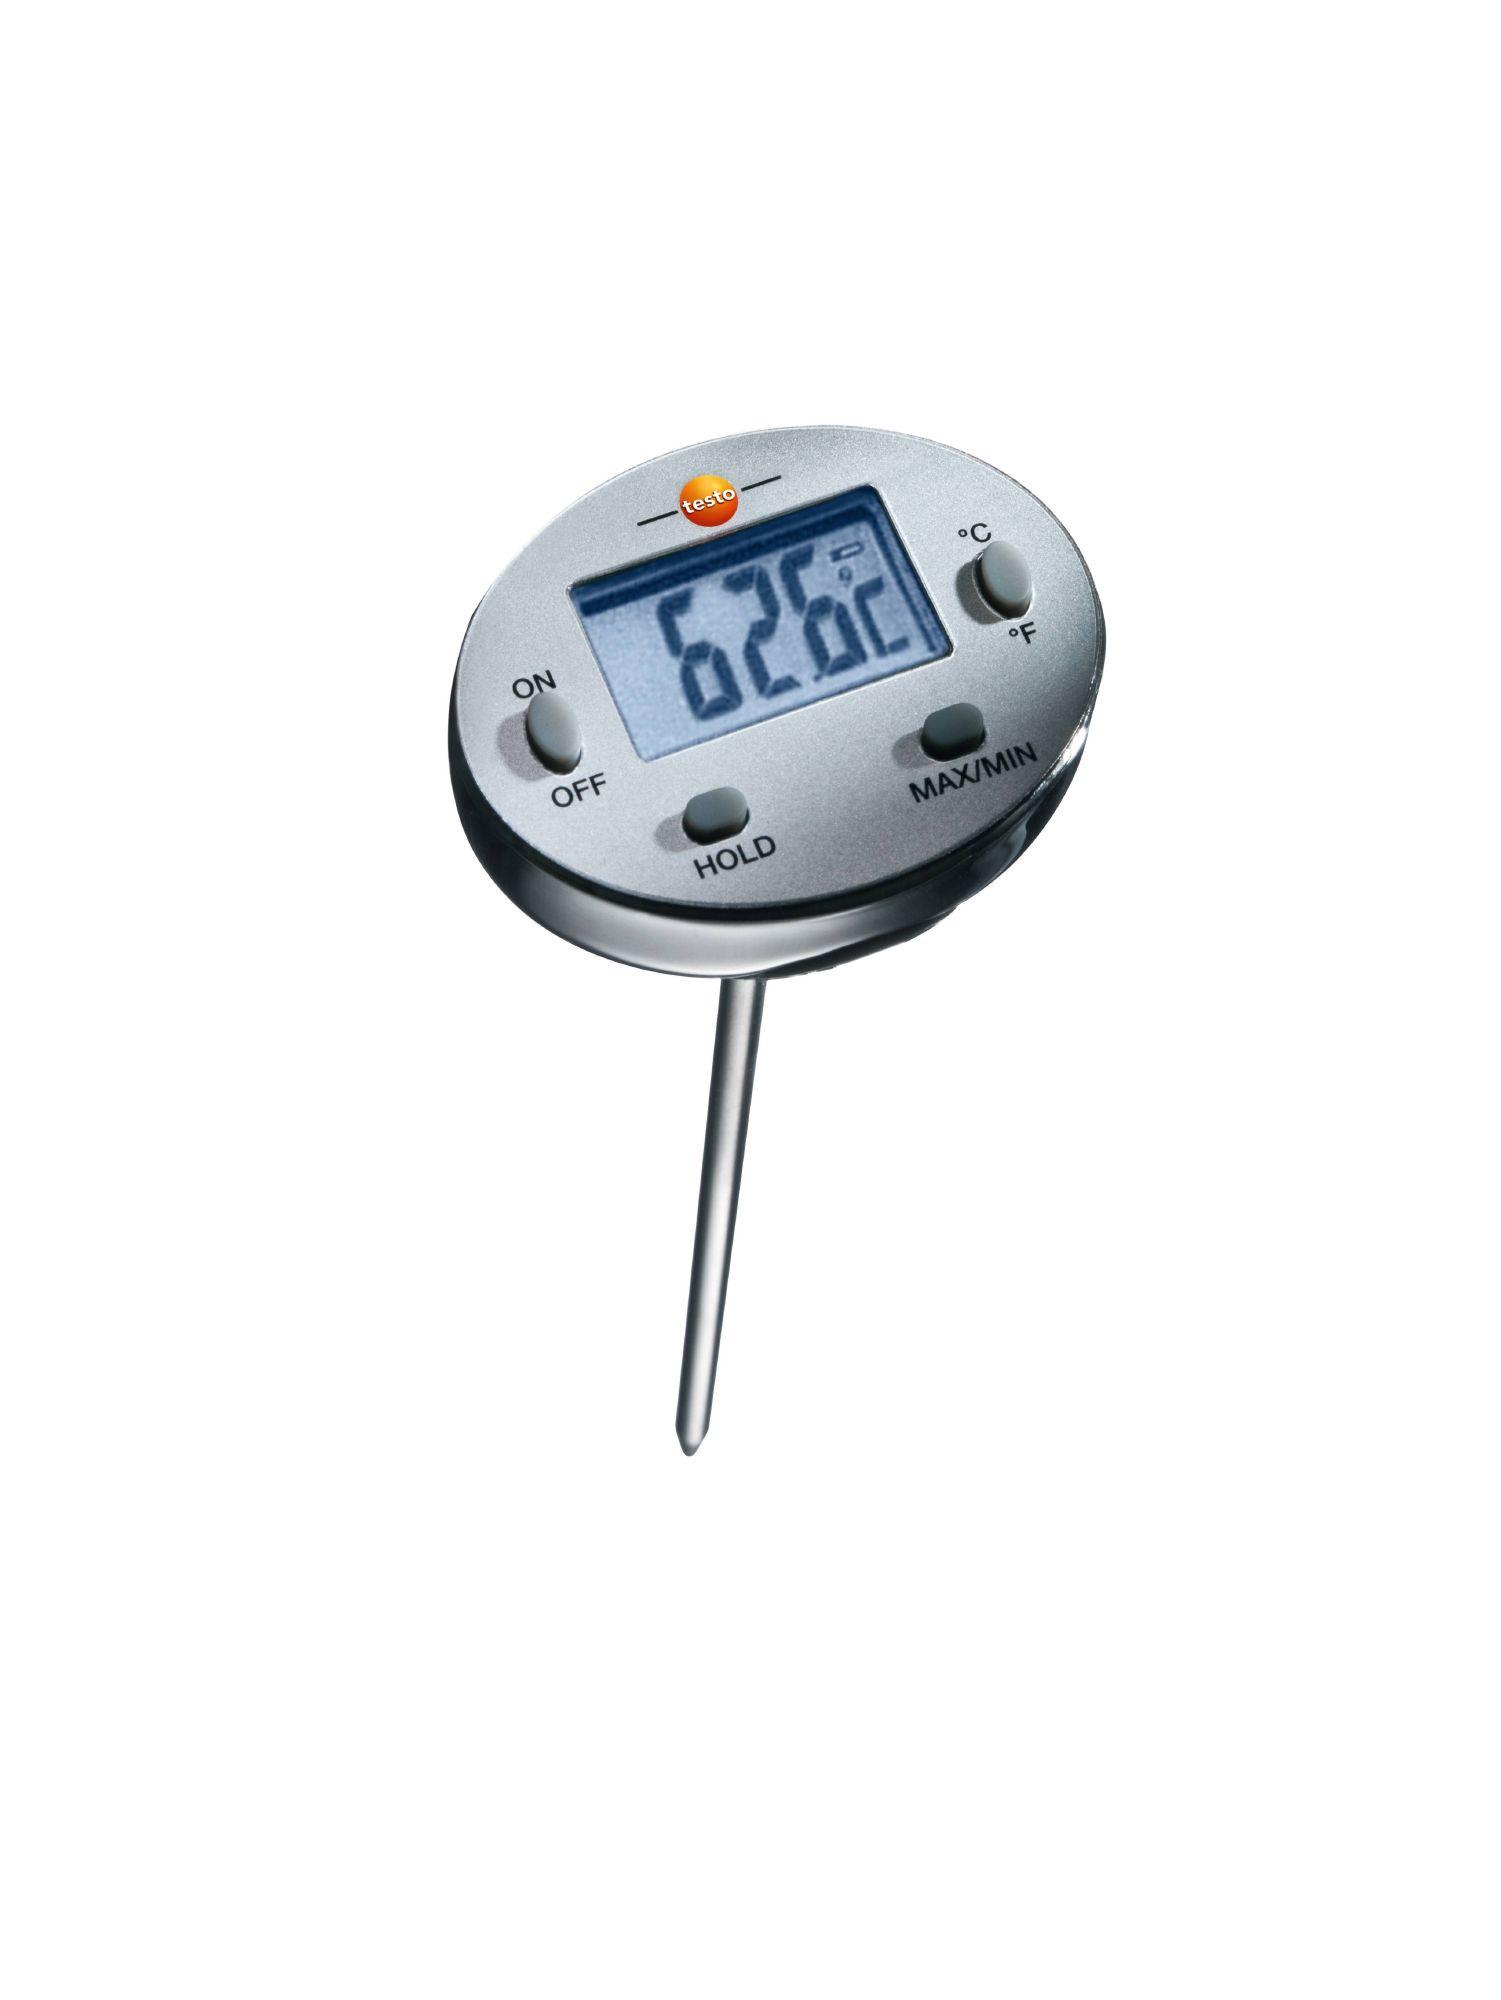 Mini thermometer_p_in_tem_002229.jpg